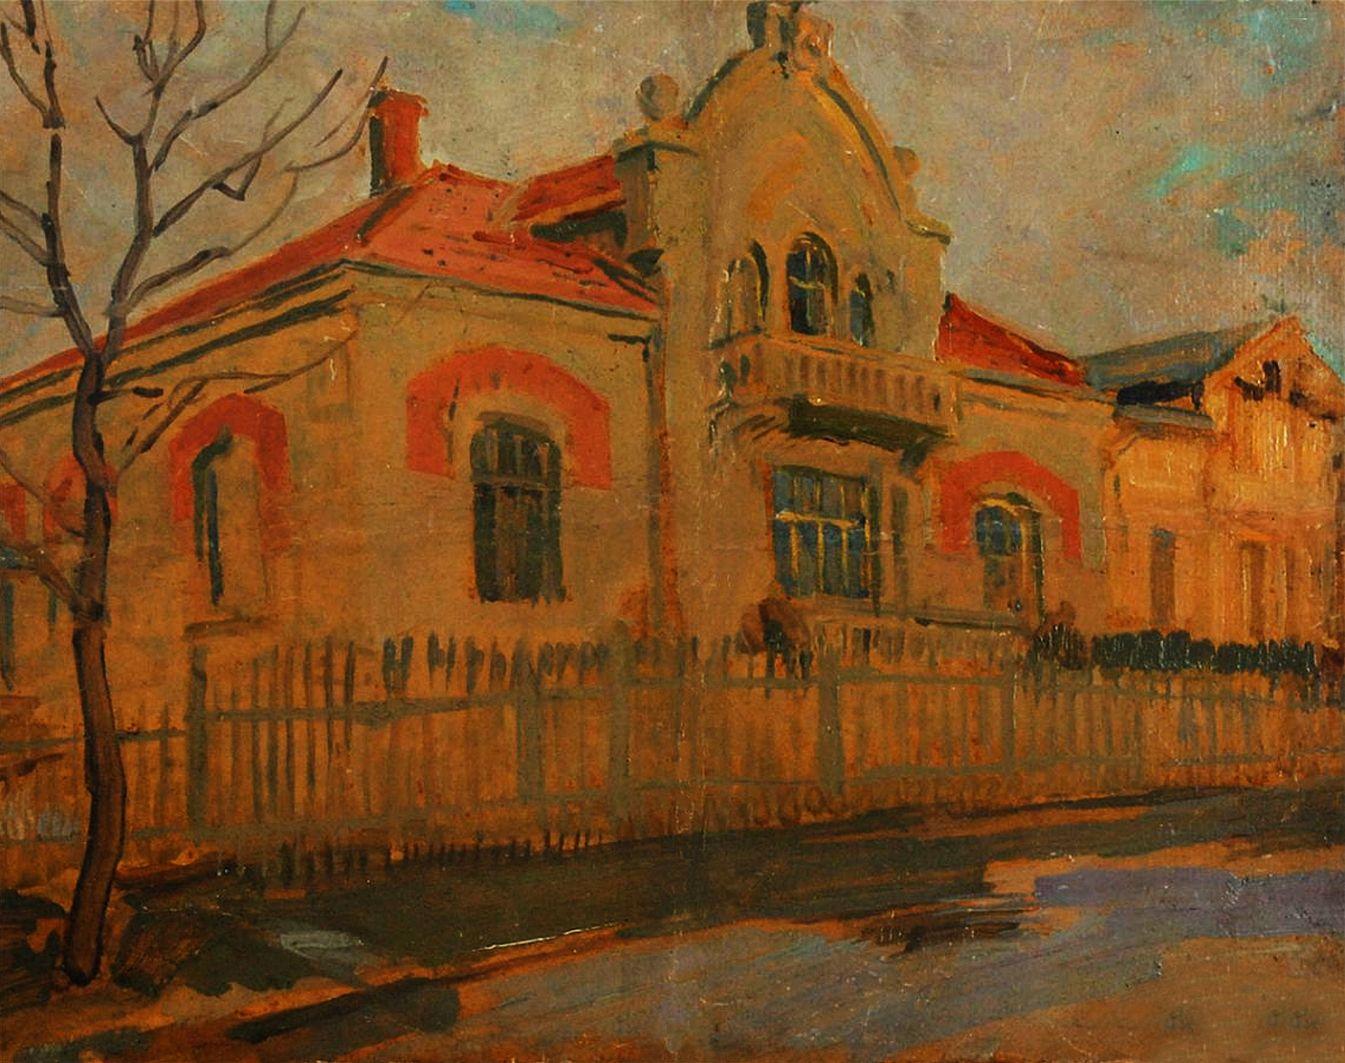 Станіслав Яновський. Львів, вілла Левицького, 1920; картон, олія